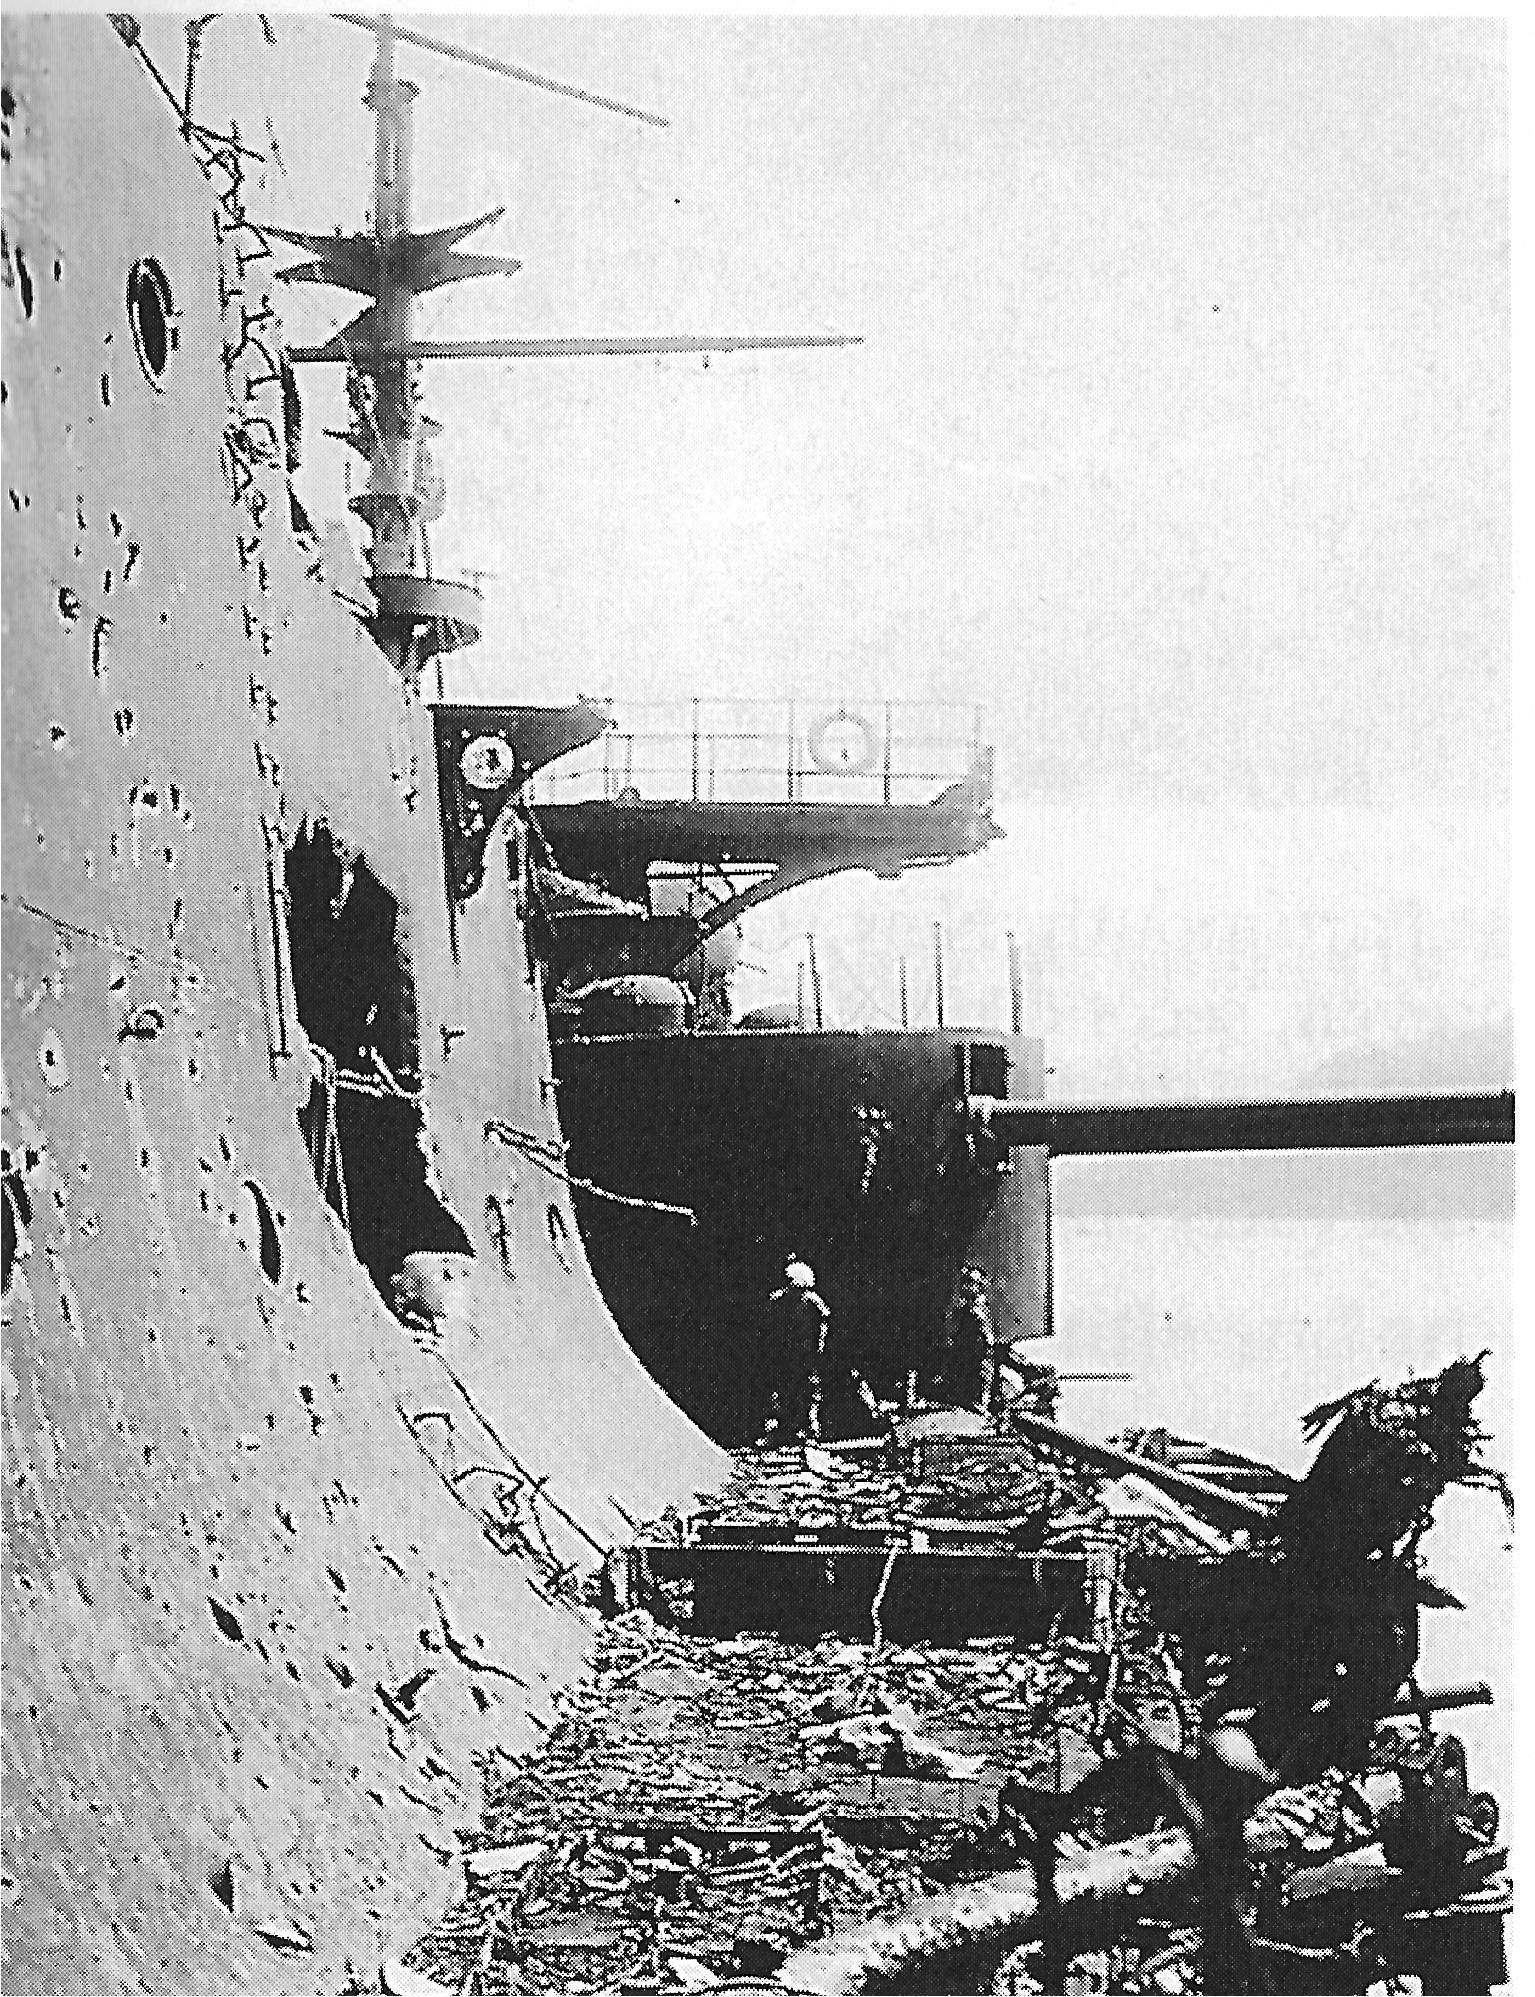 1905-06-27_Captured Russian Battleship_nicht Goldener jaguar